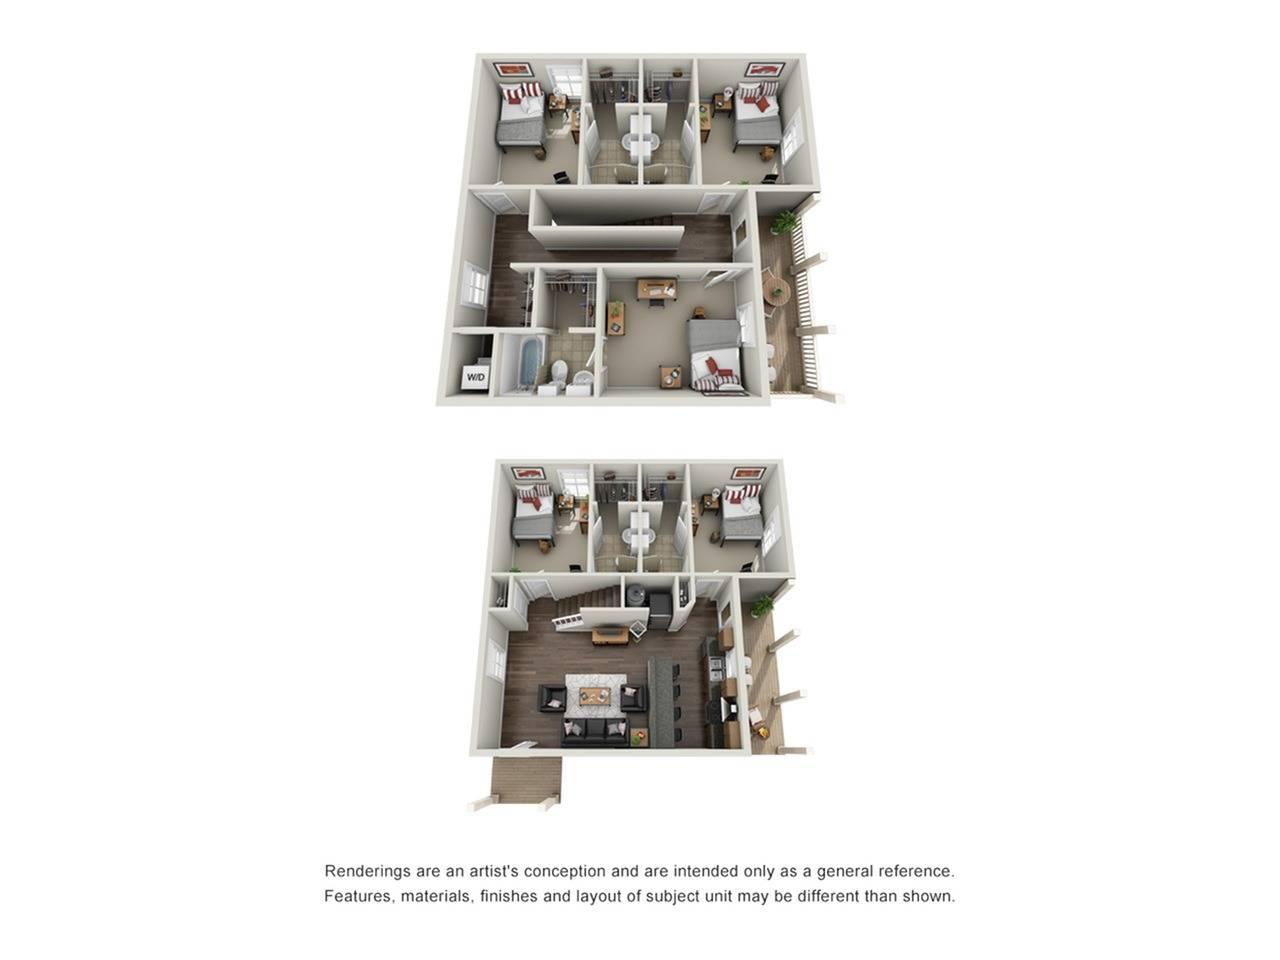 5x5 Manor Furnish